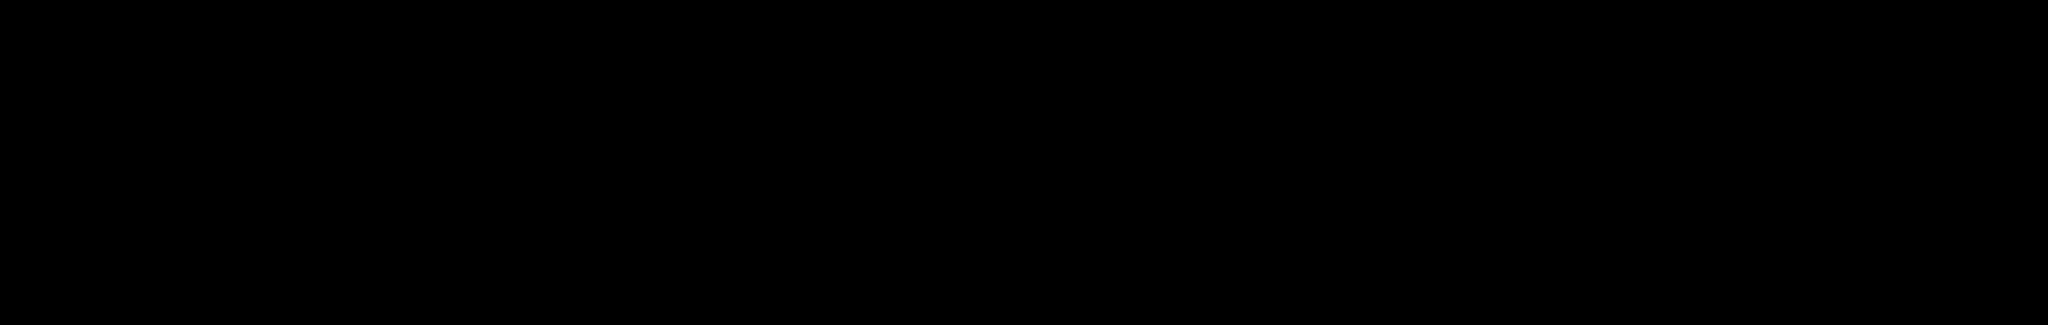 Seltos-logo-all-new